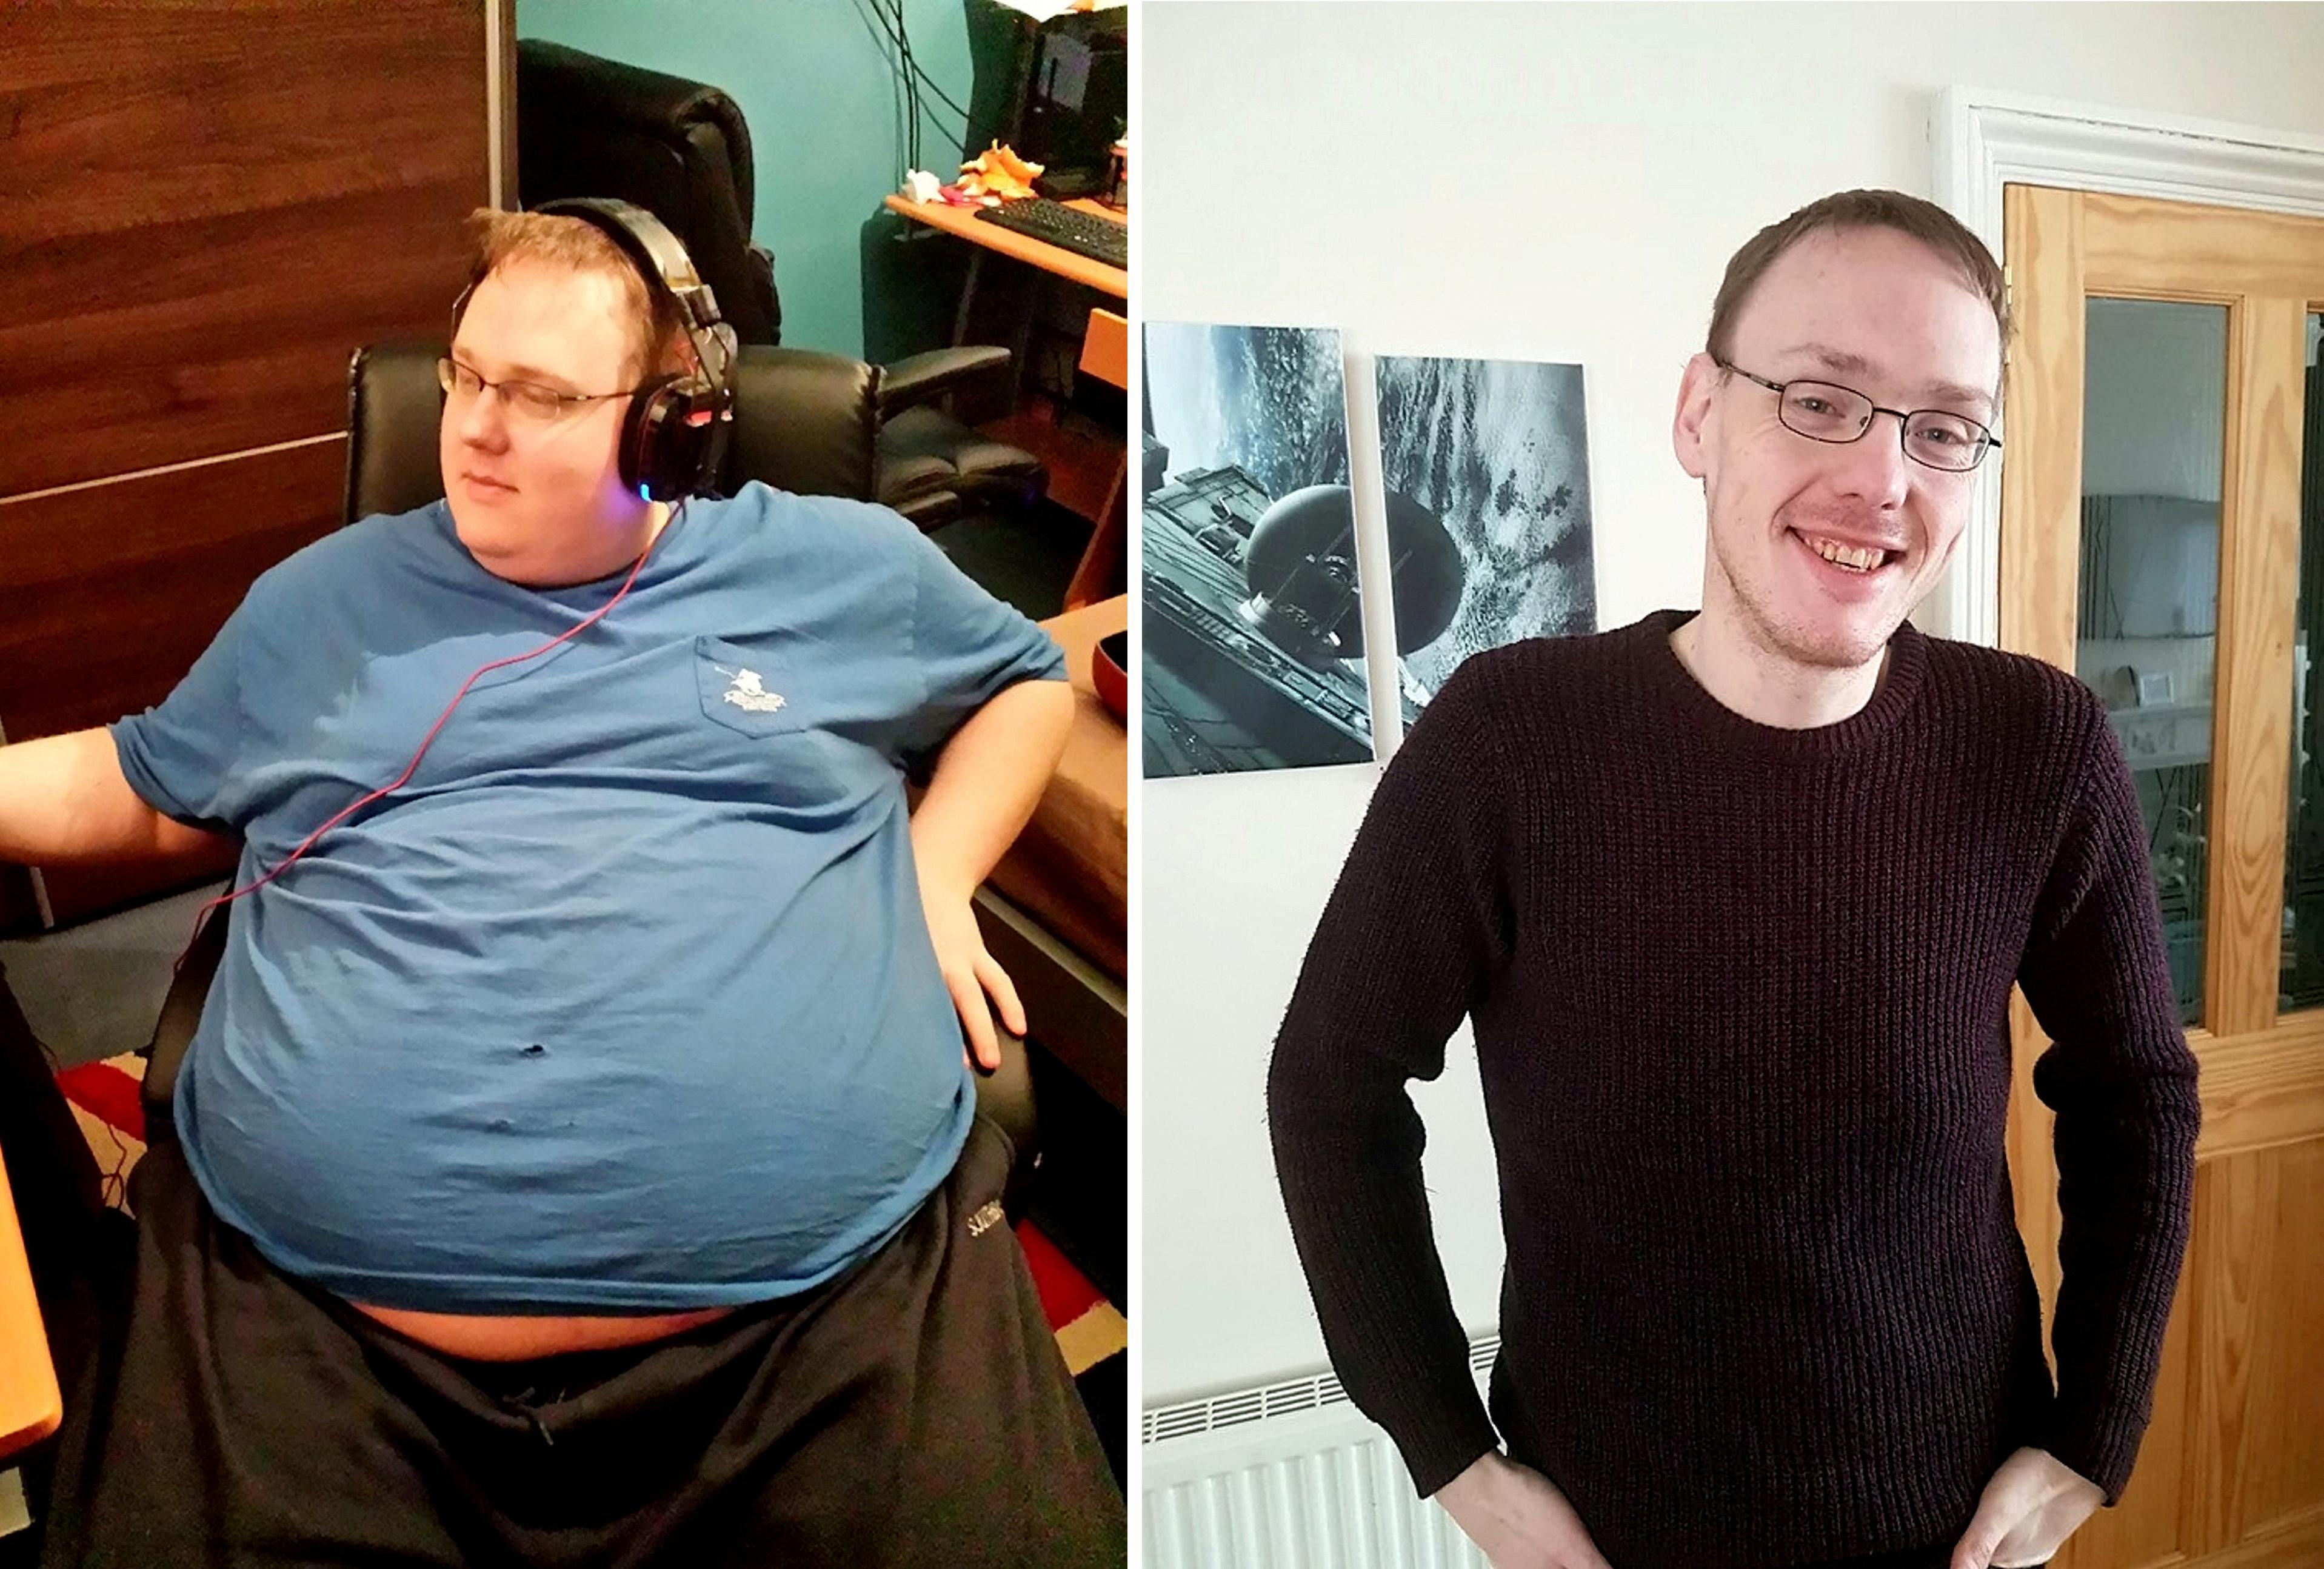 Hihetetlen! 15 kilót fogyott Tordai István két és fél hónap alatt